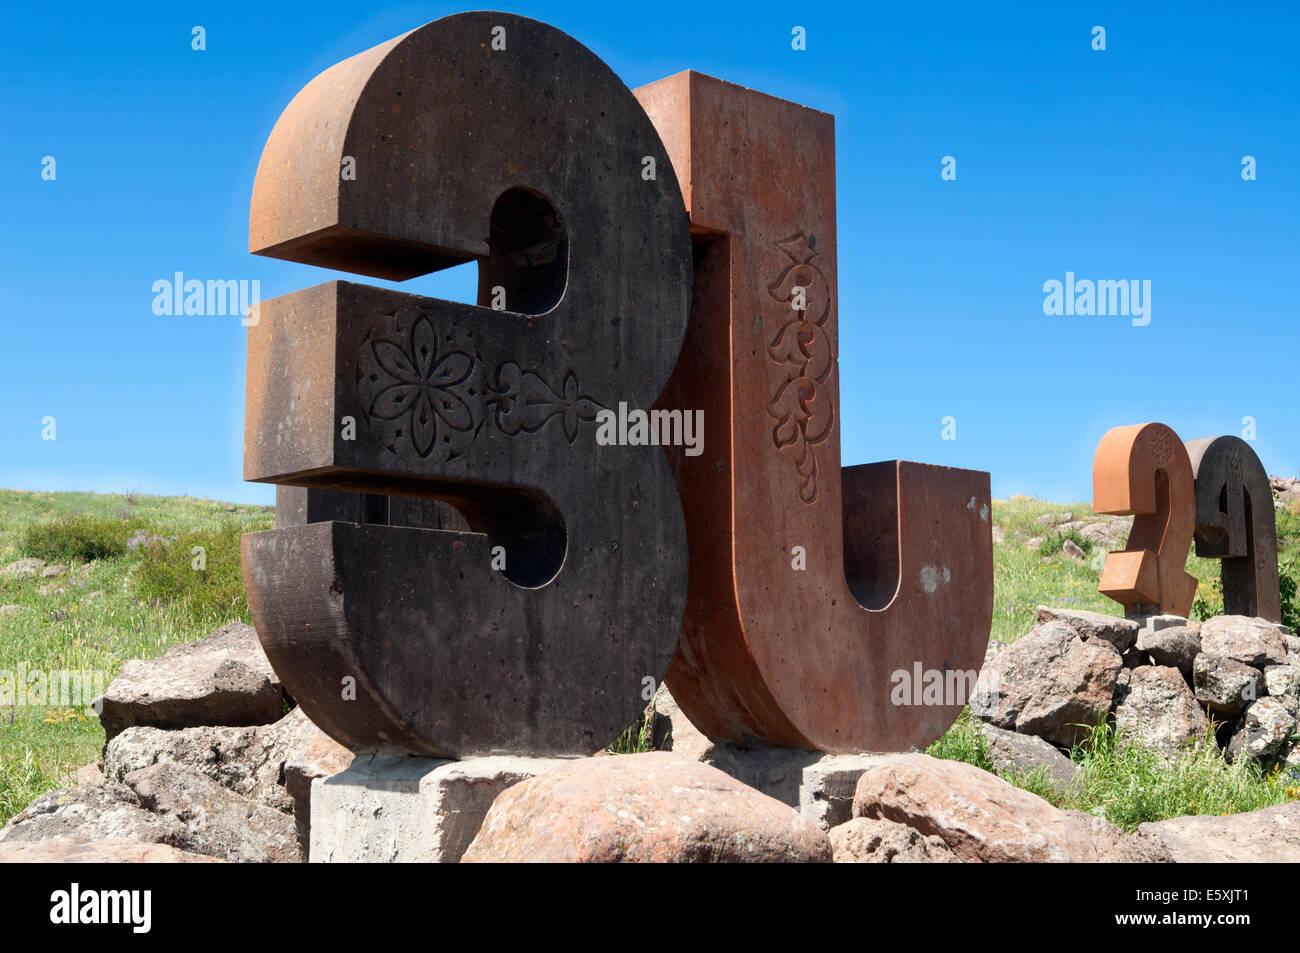 Armenisches Alphabet Stockfotos & Armenisches Alphabet Bilder - Alamy